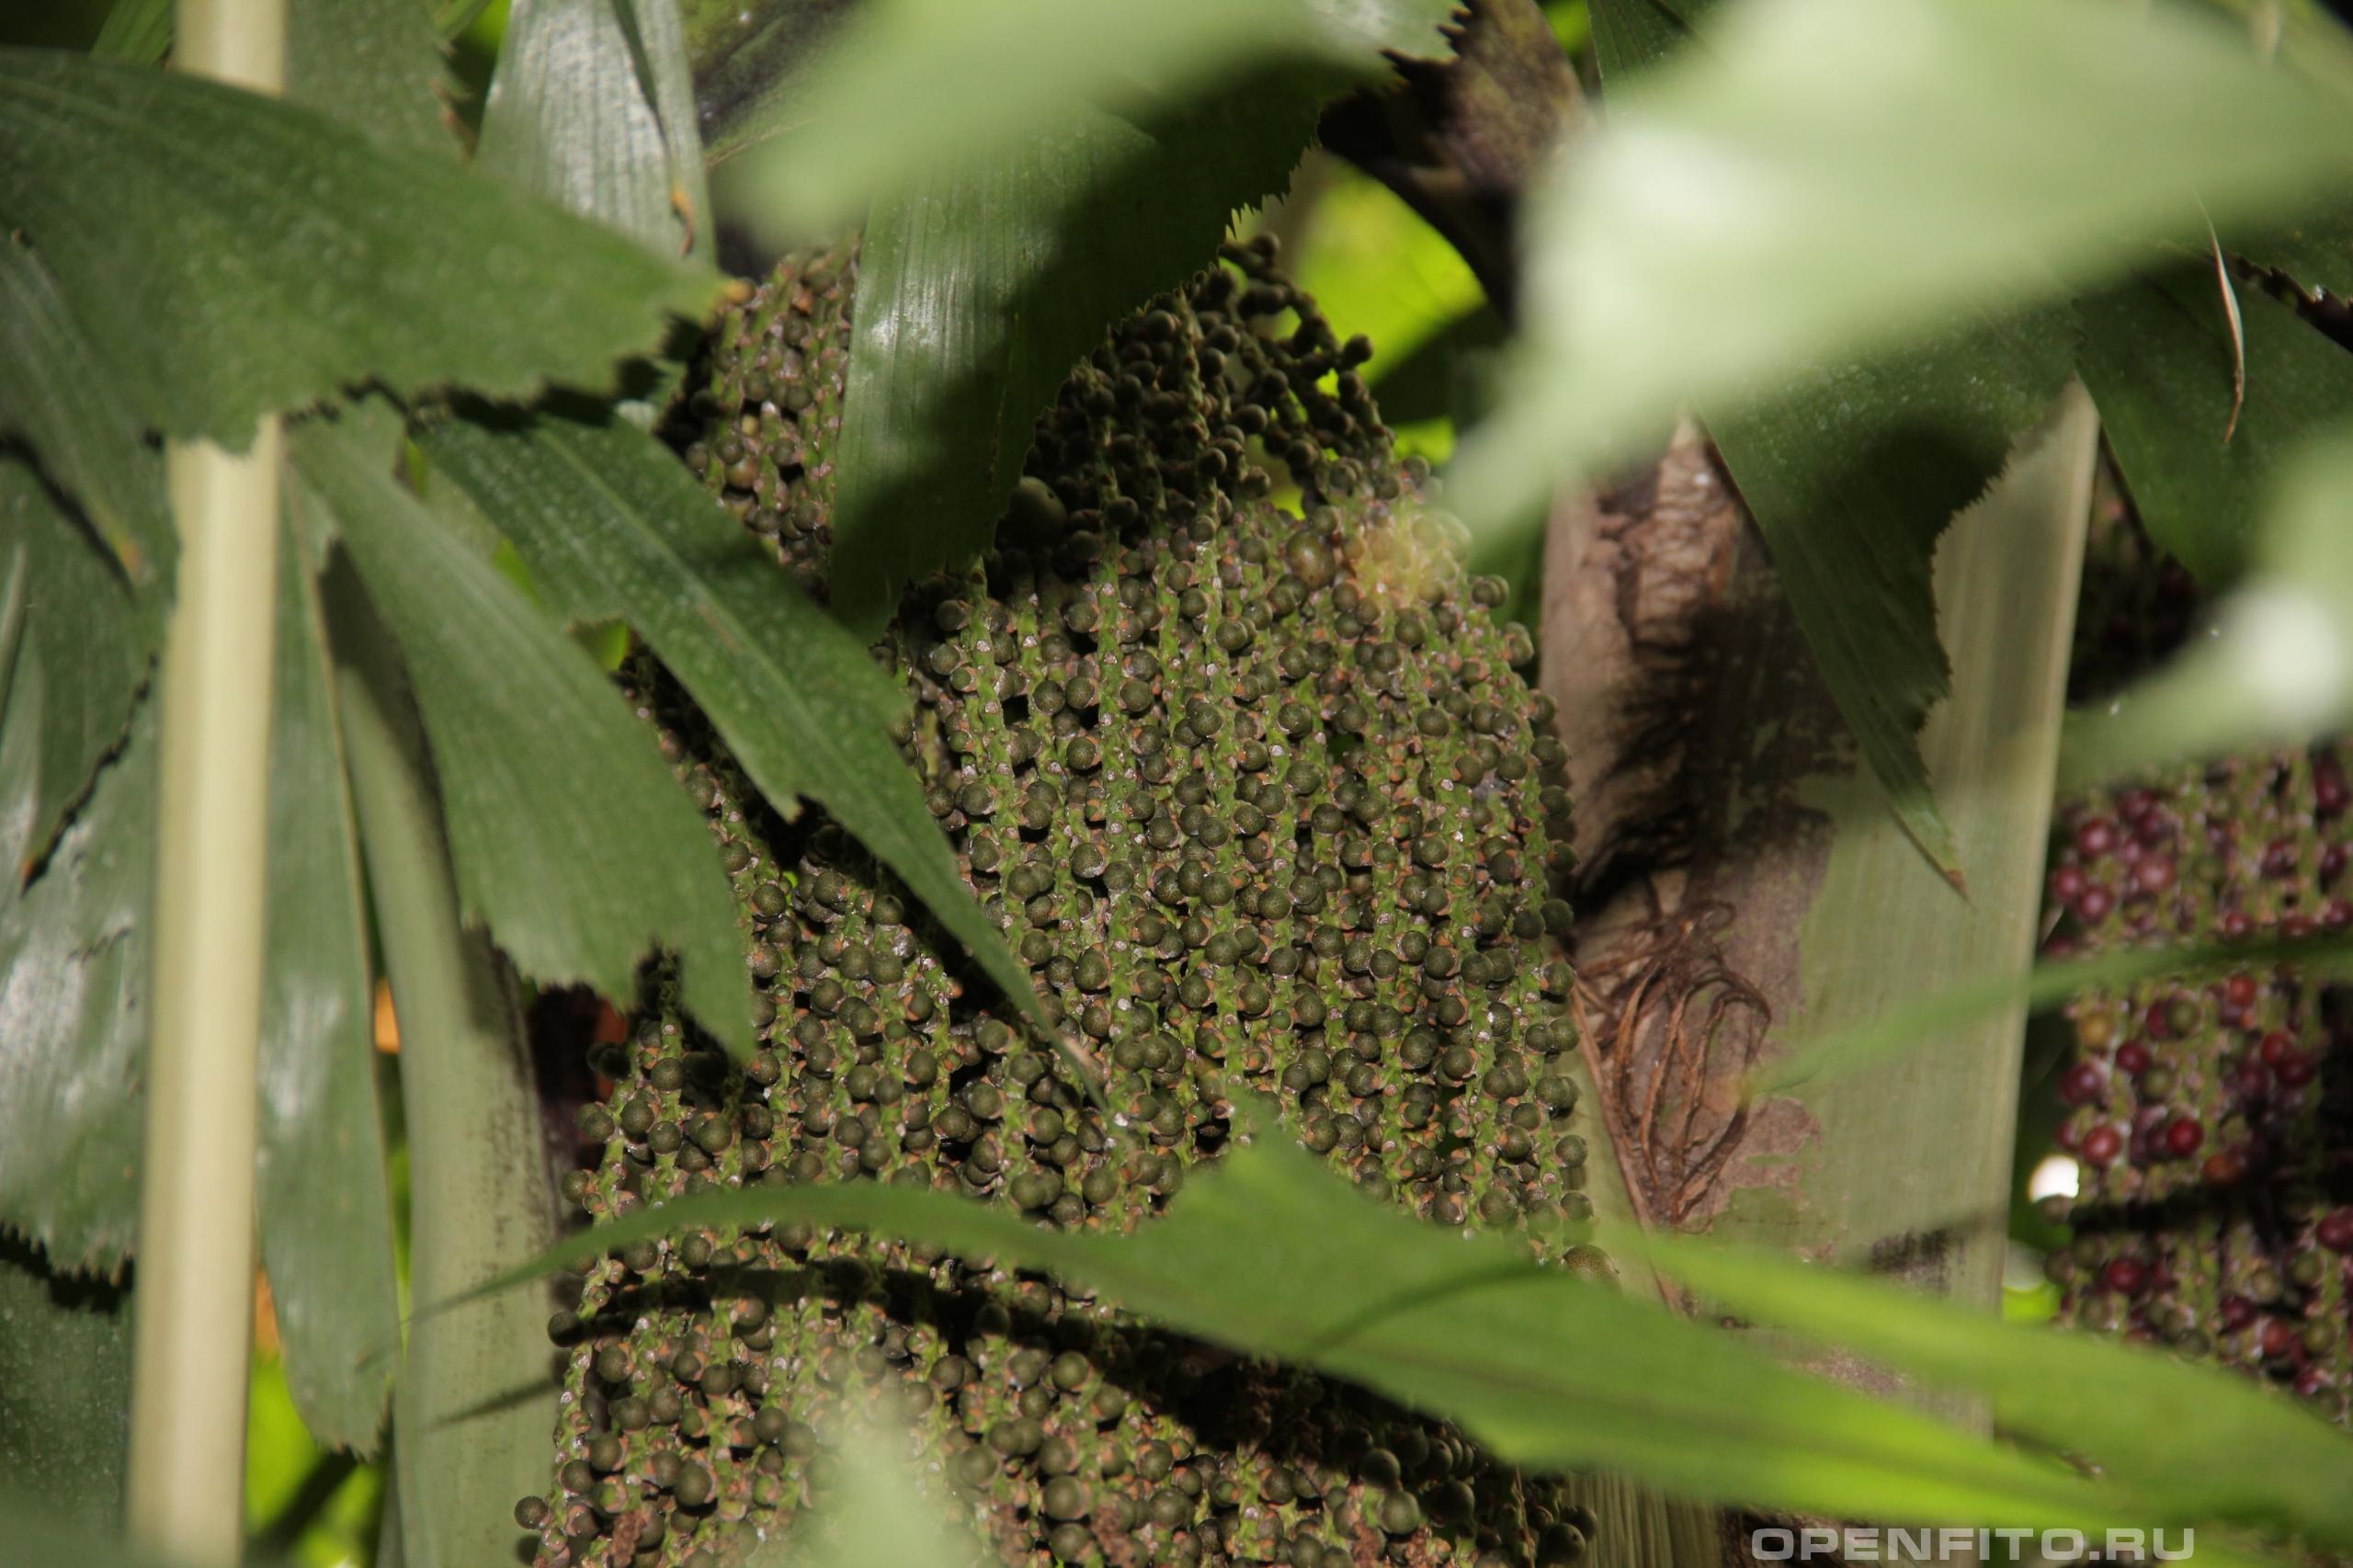 Кариота мягкая незрелые плоды, благодаря этим плодам растение получило народное название